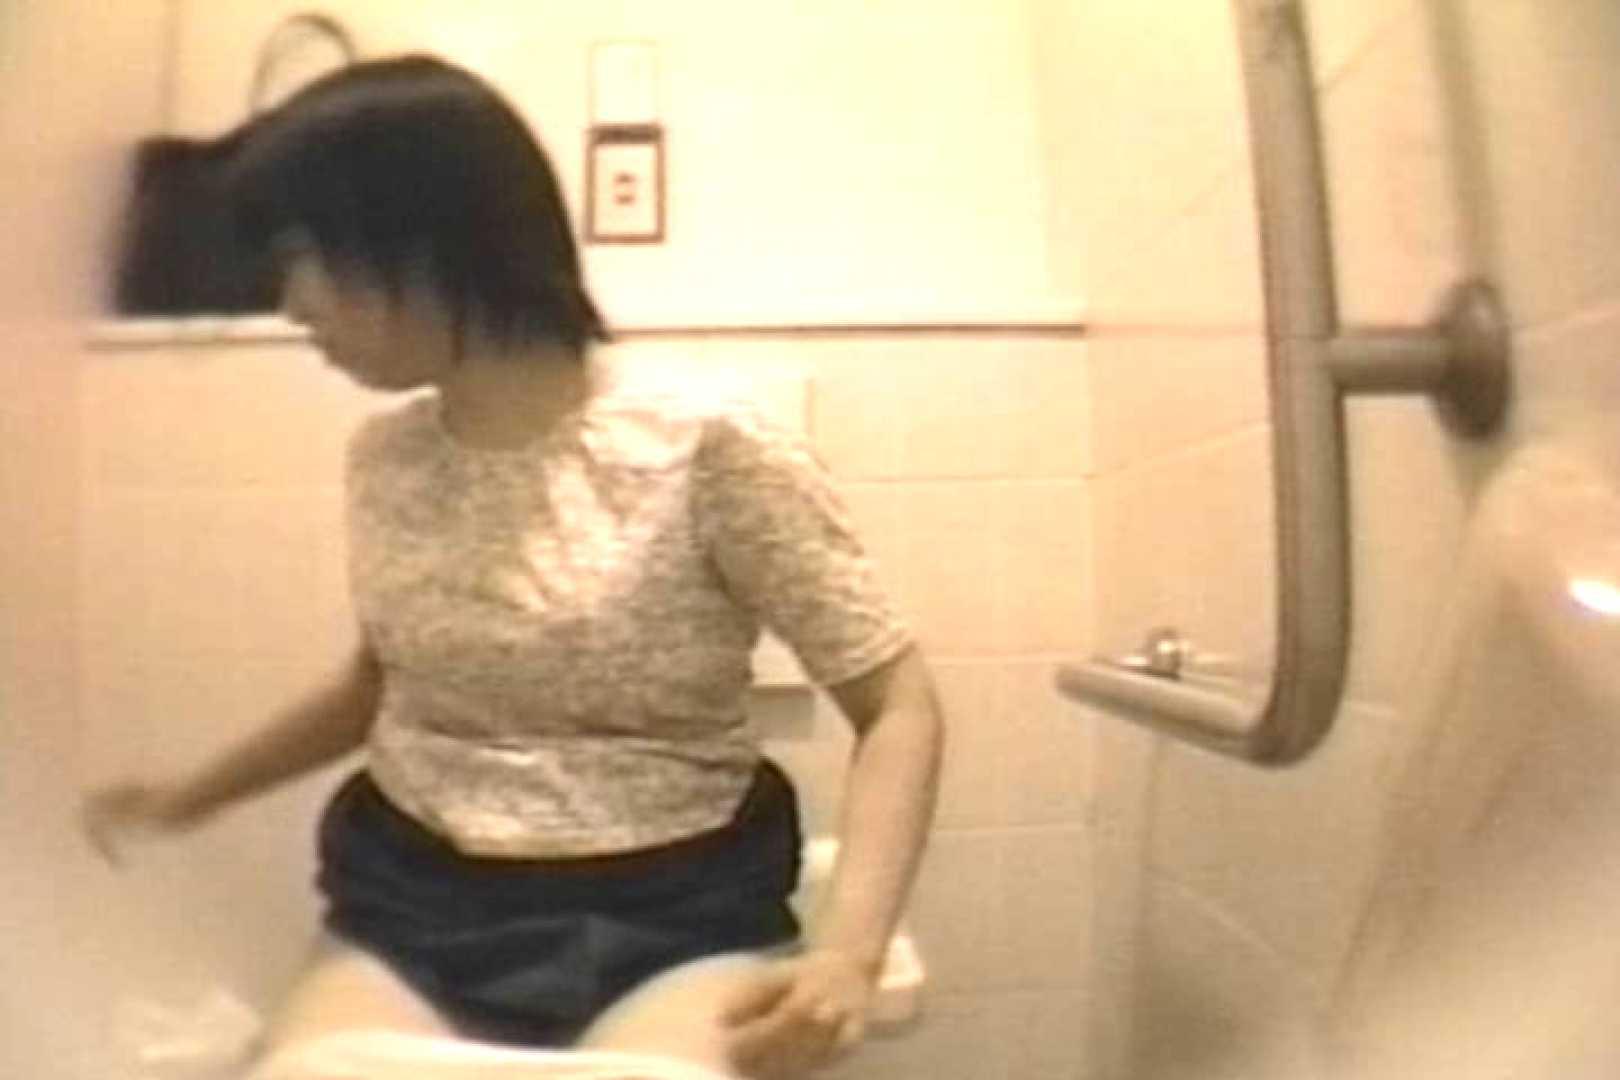 個室狂いのマニア映像Vol.4 洗面所はめどり  61画像 57